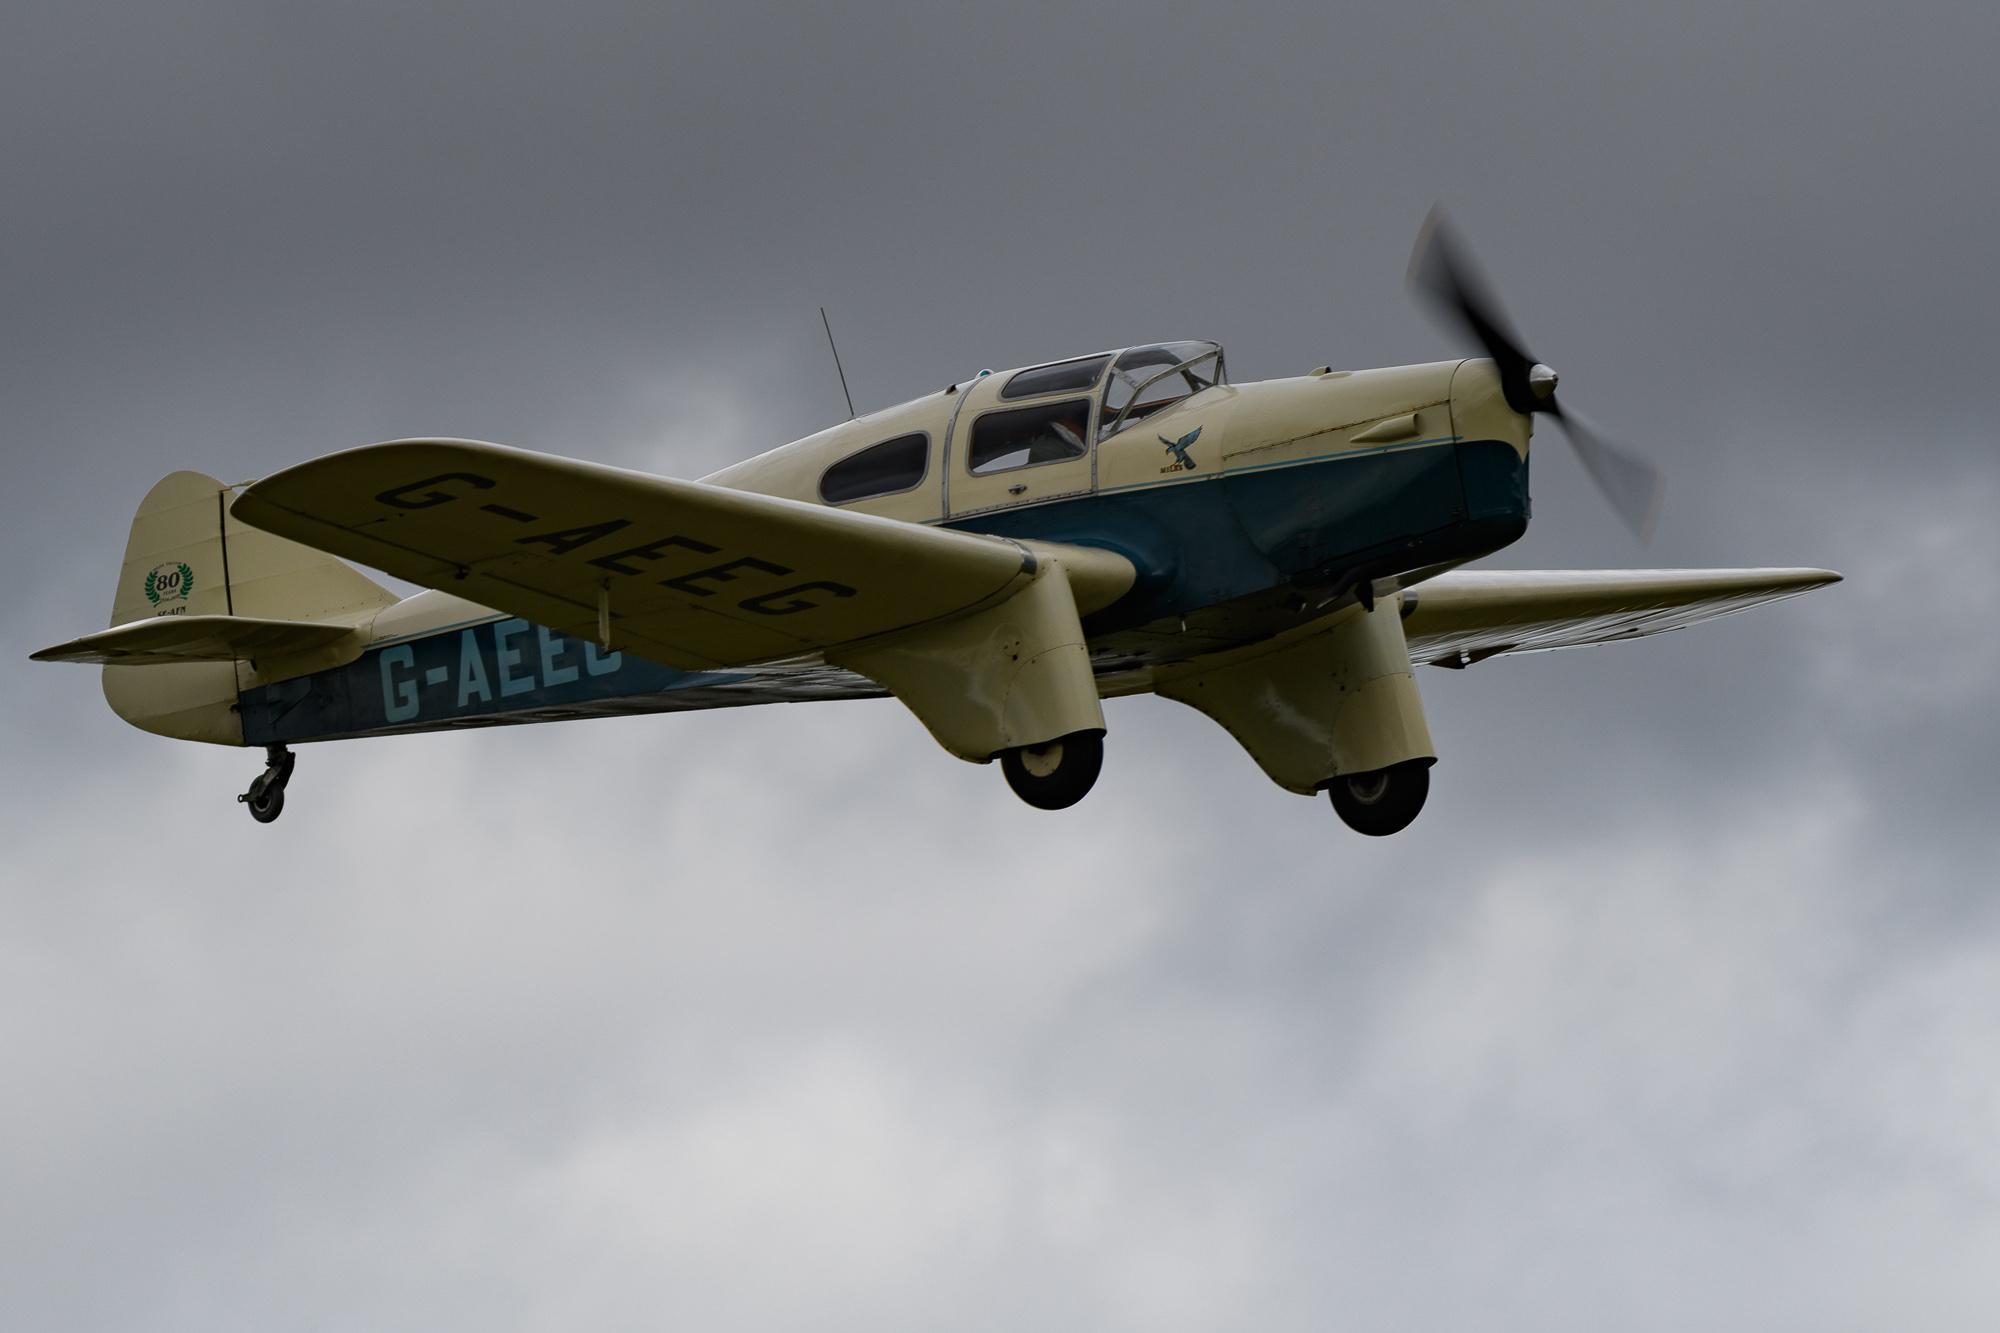 RWX_1943.jpg